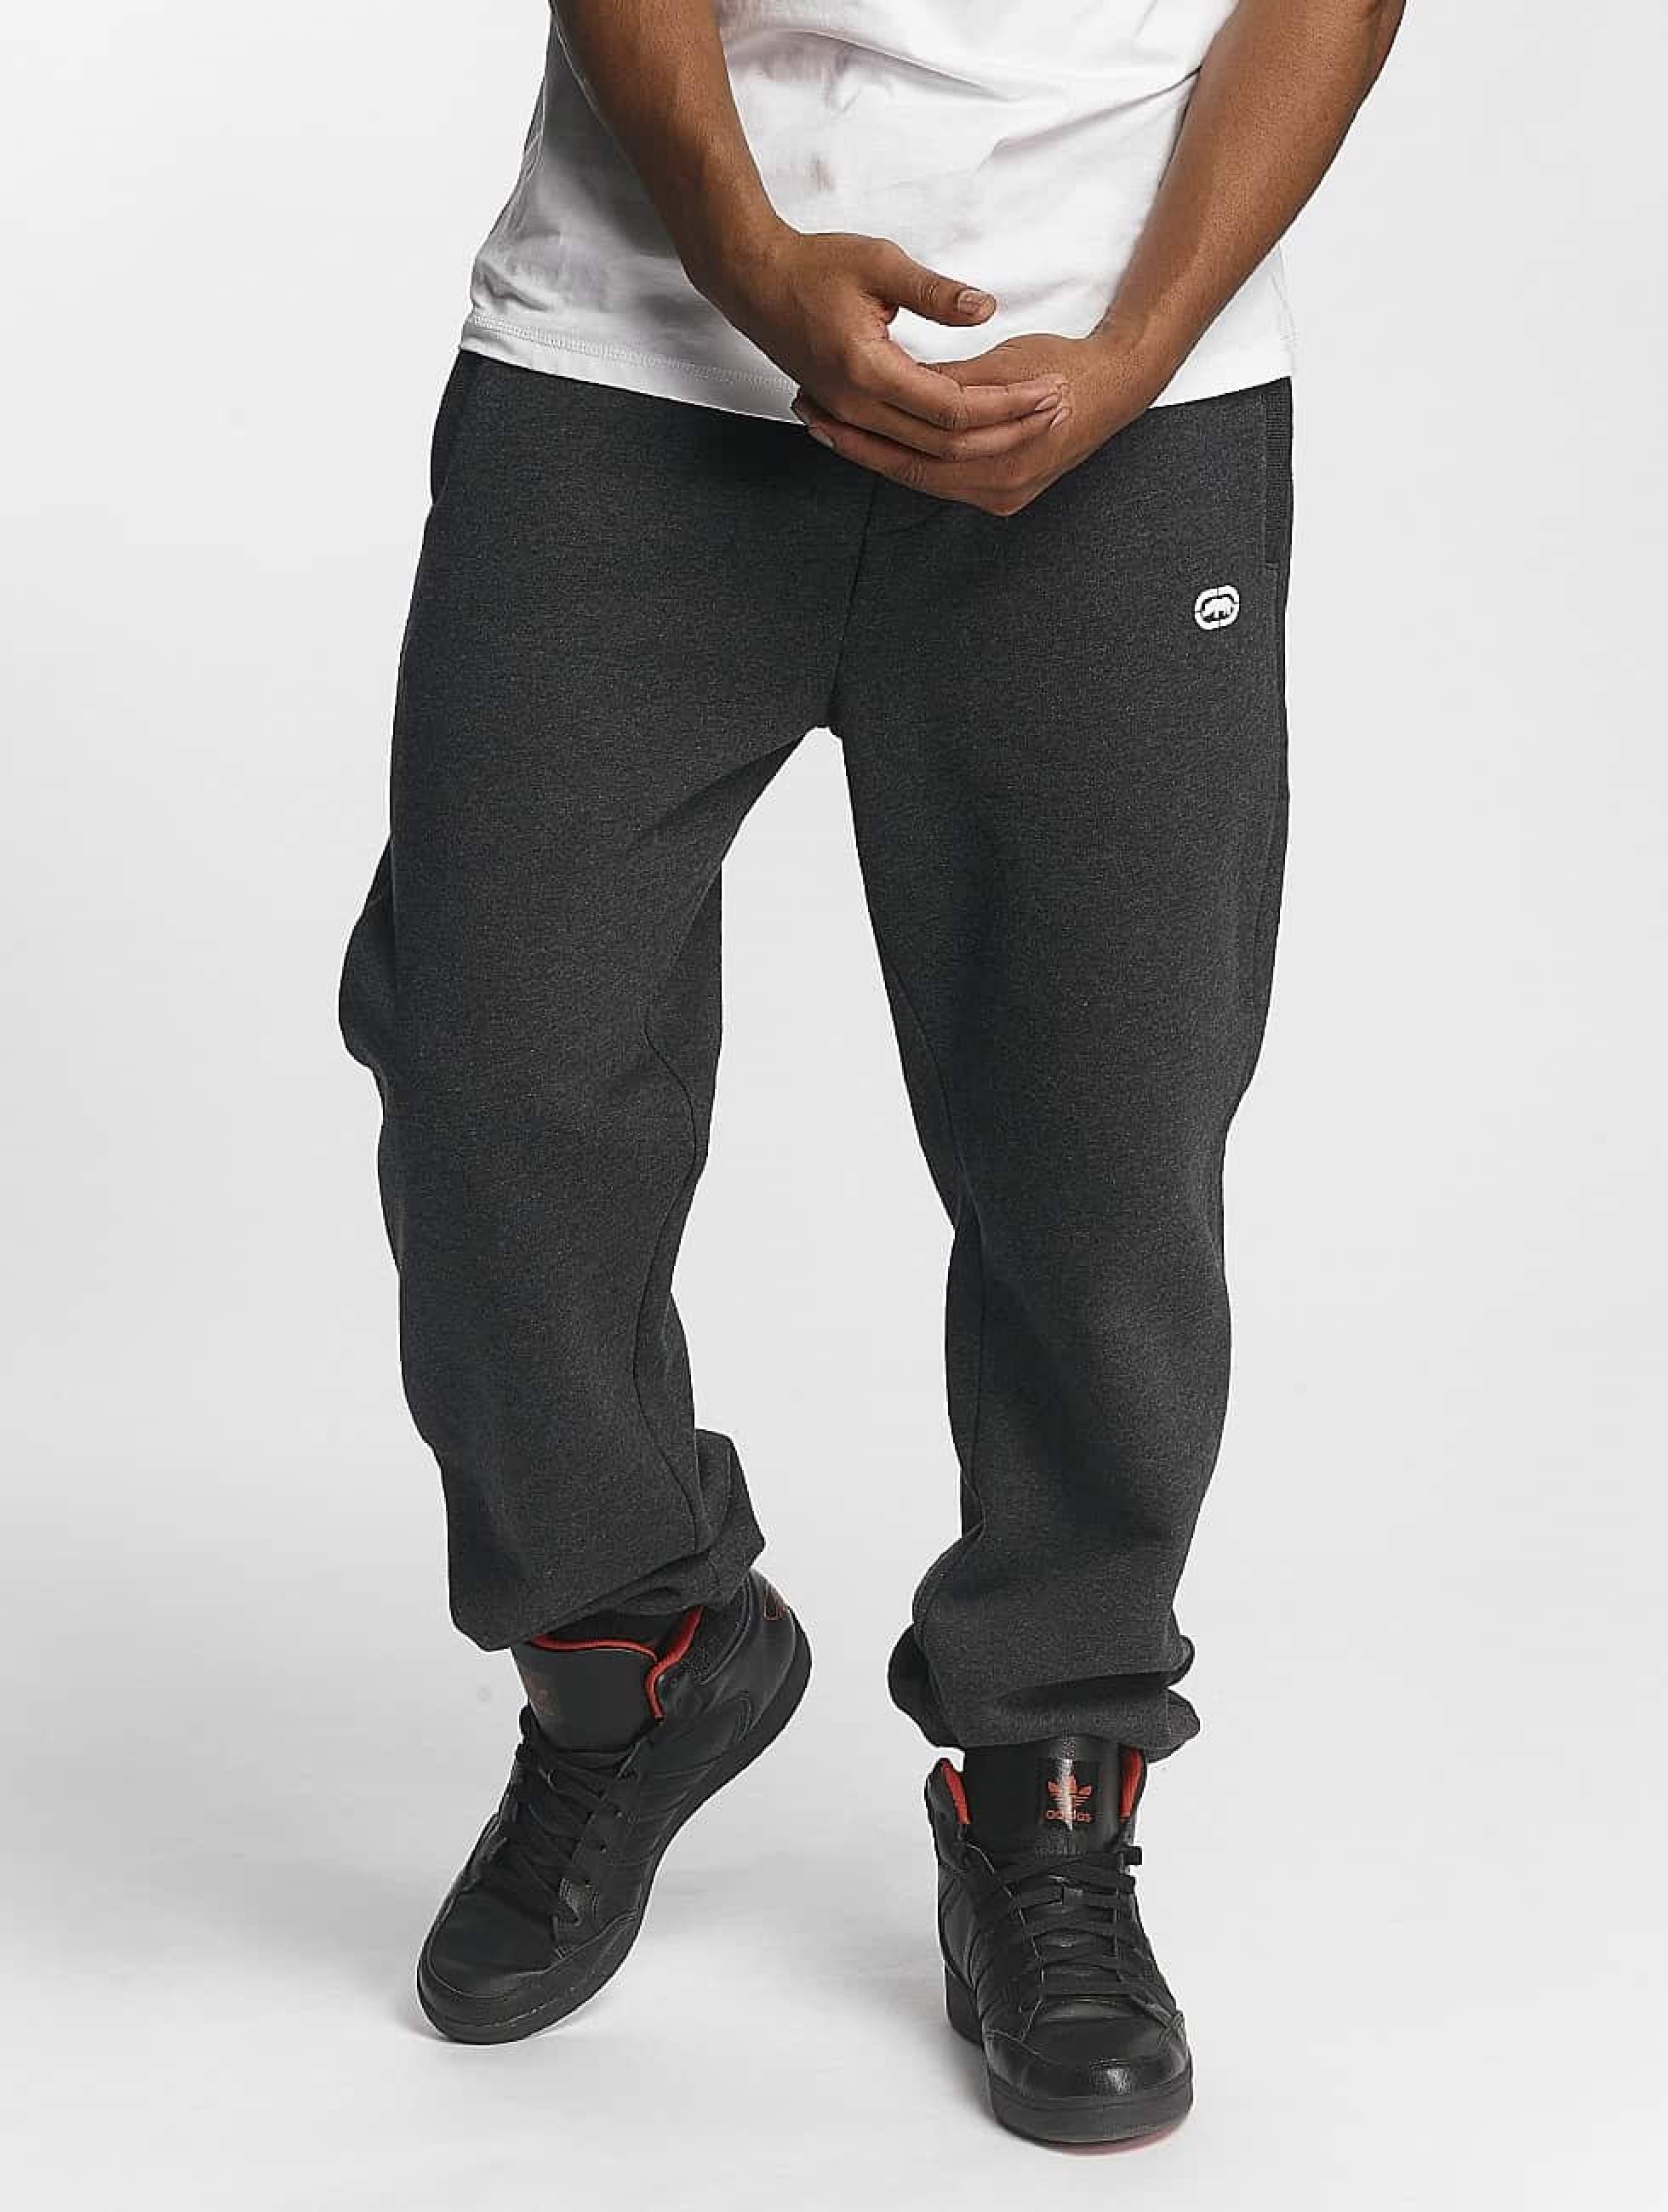 Ecko Unltd. / Sweat Pant Base in grey 3XL